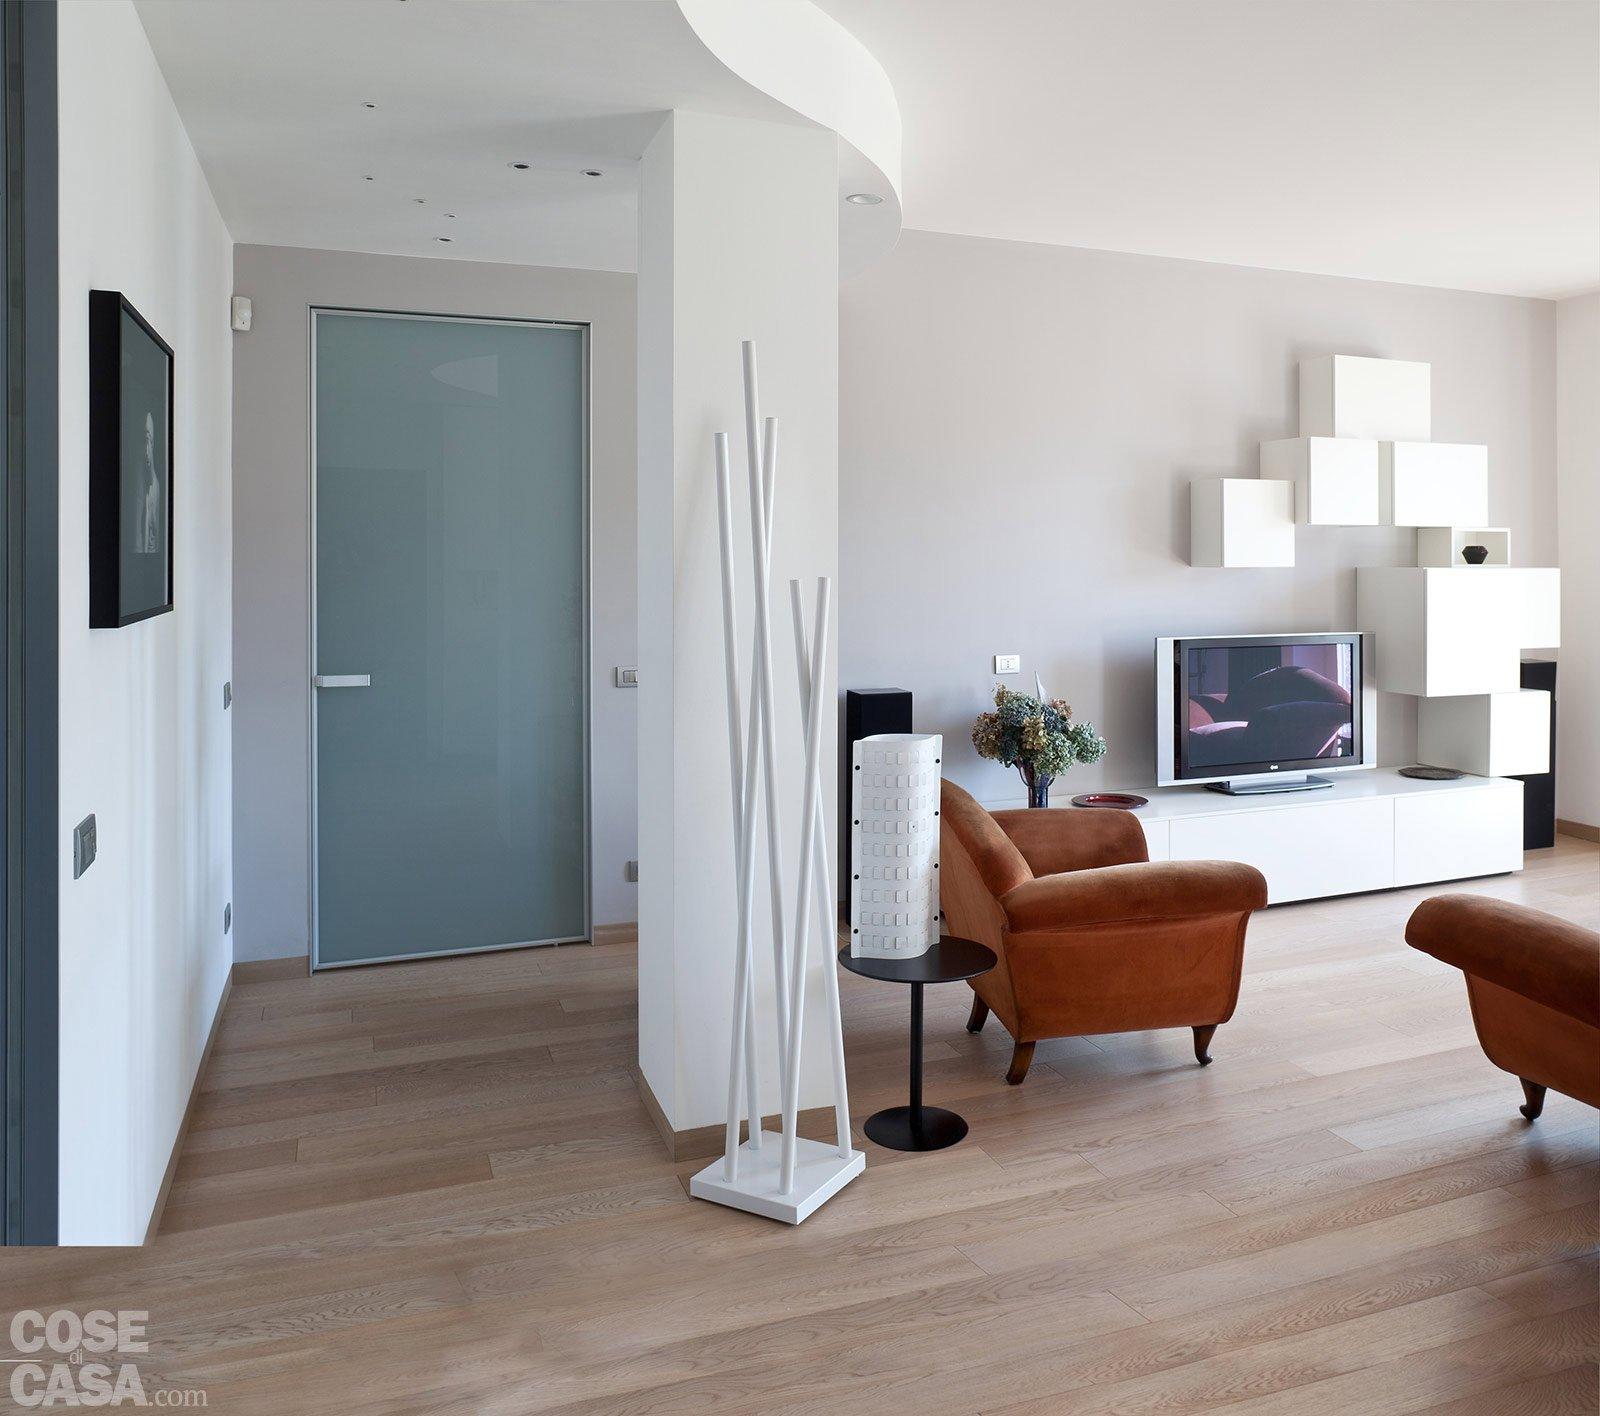 Casa pesaro fiorentini soggiorno ingresso cose di casa for Ingresso casa moderno